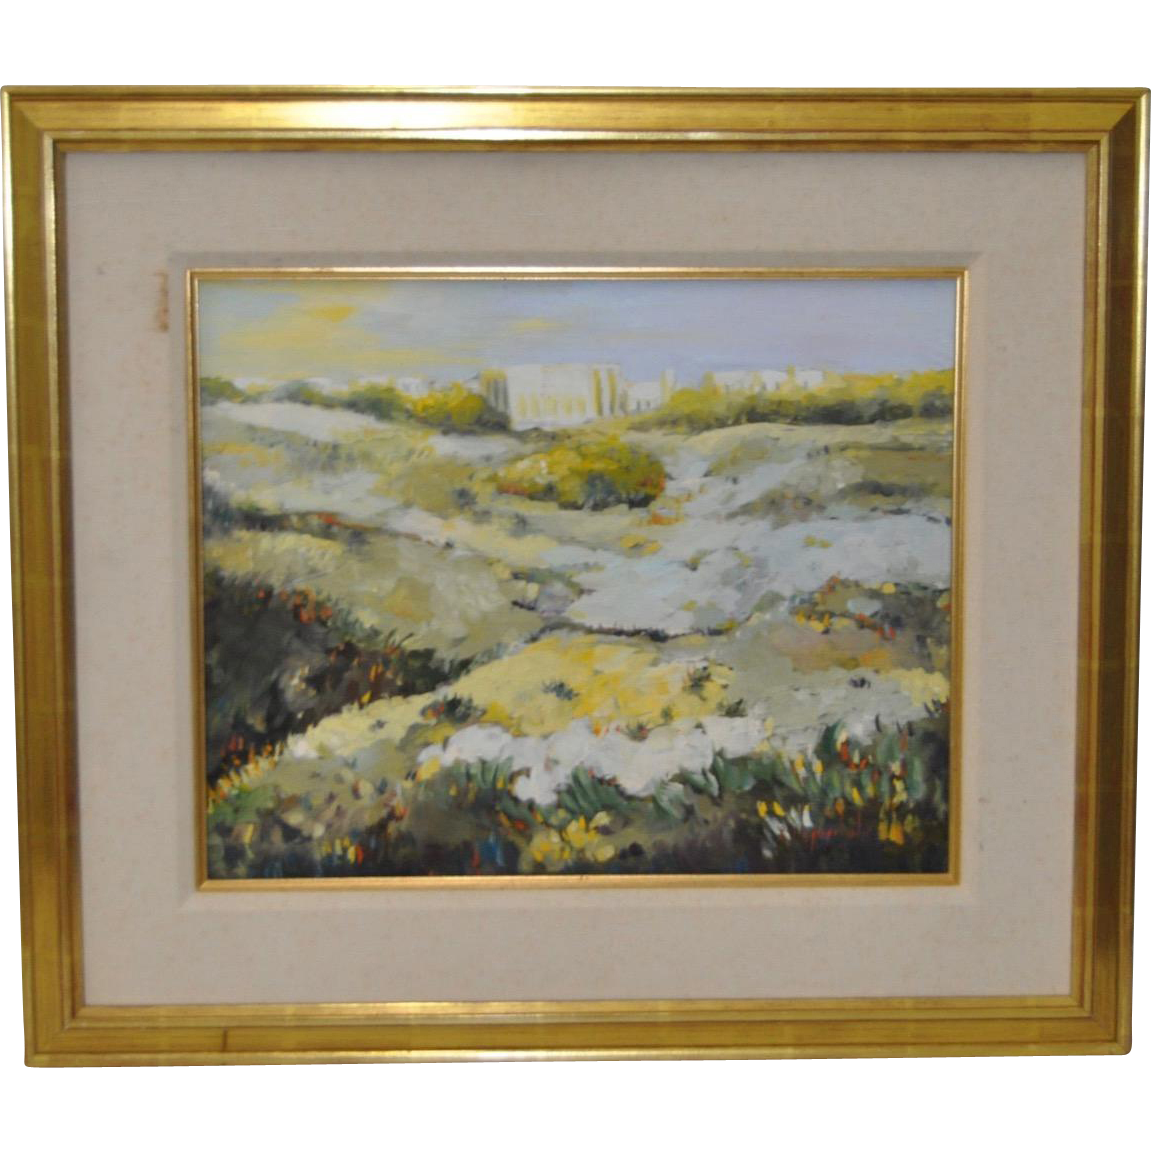 Vintage Landscape Oil Painting C 1987 From Antique Canvas